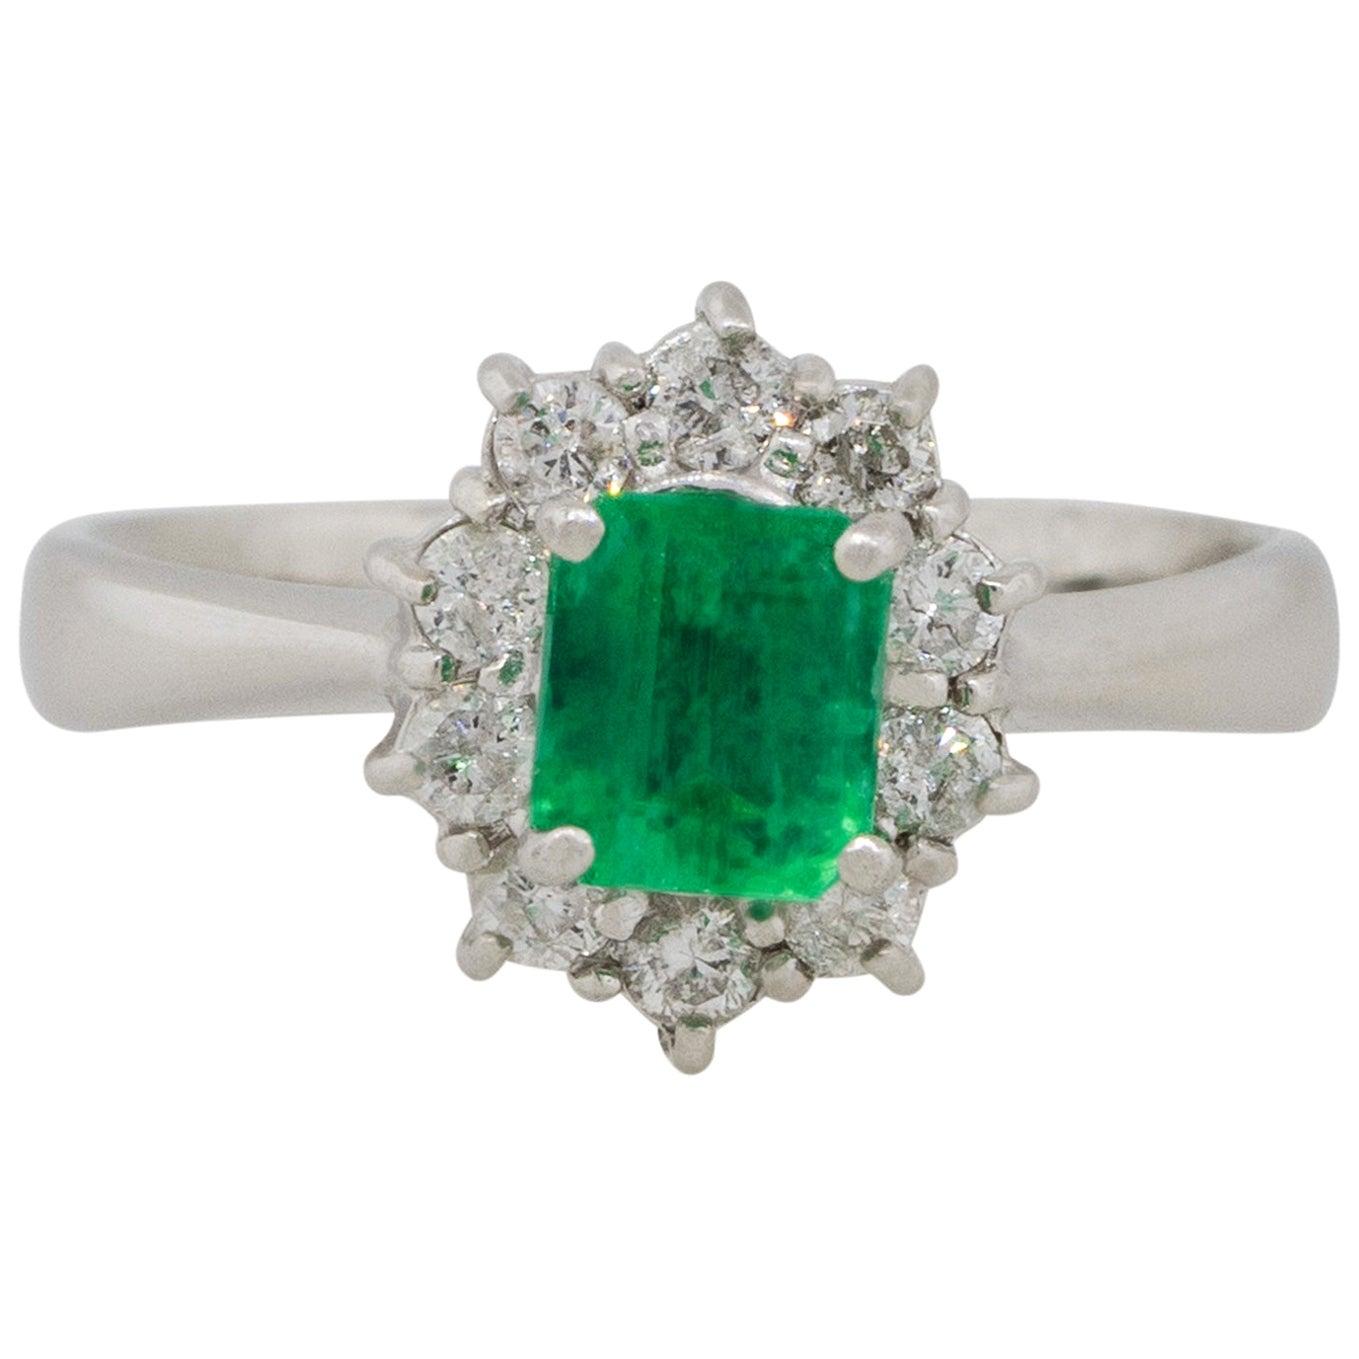 0.43 Carat Emerald Center Diamond Halo Ring Platinum in Stock